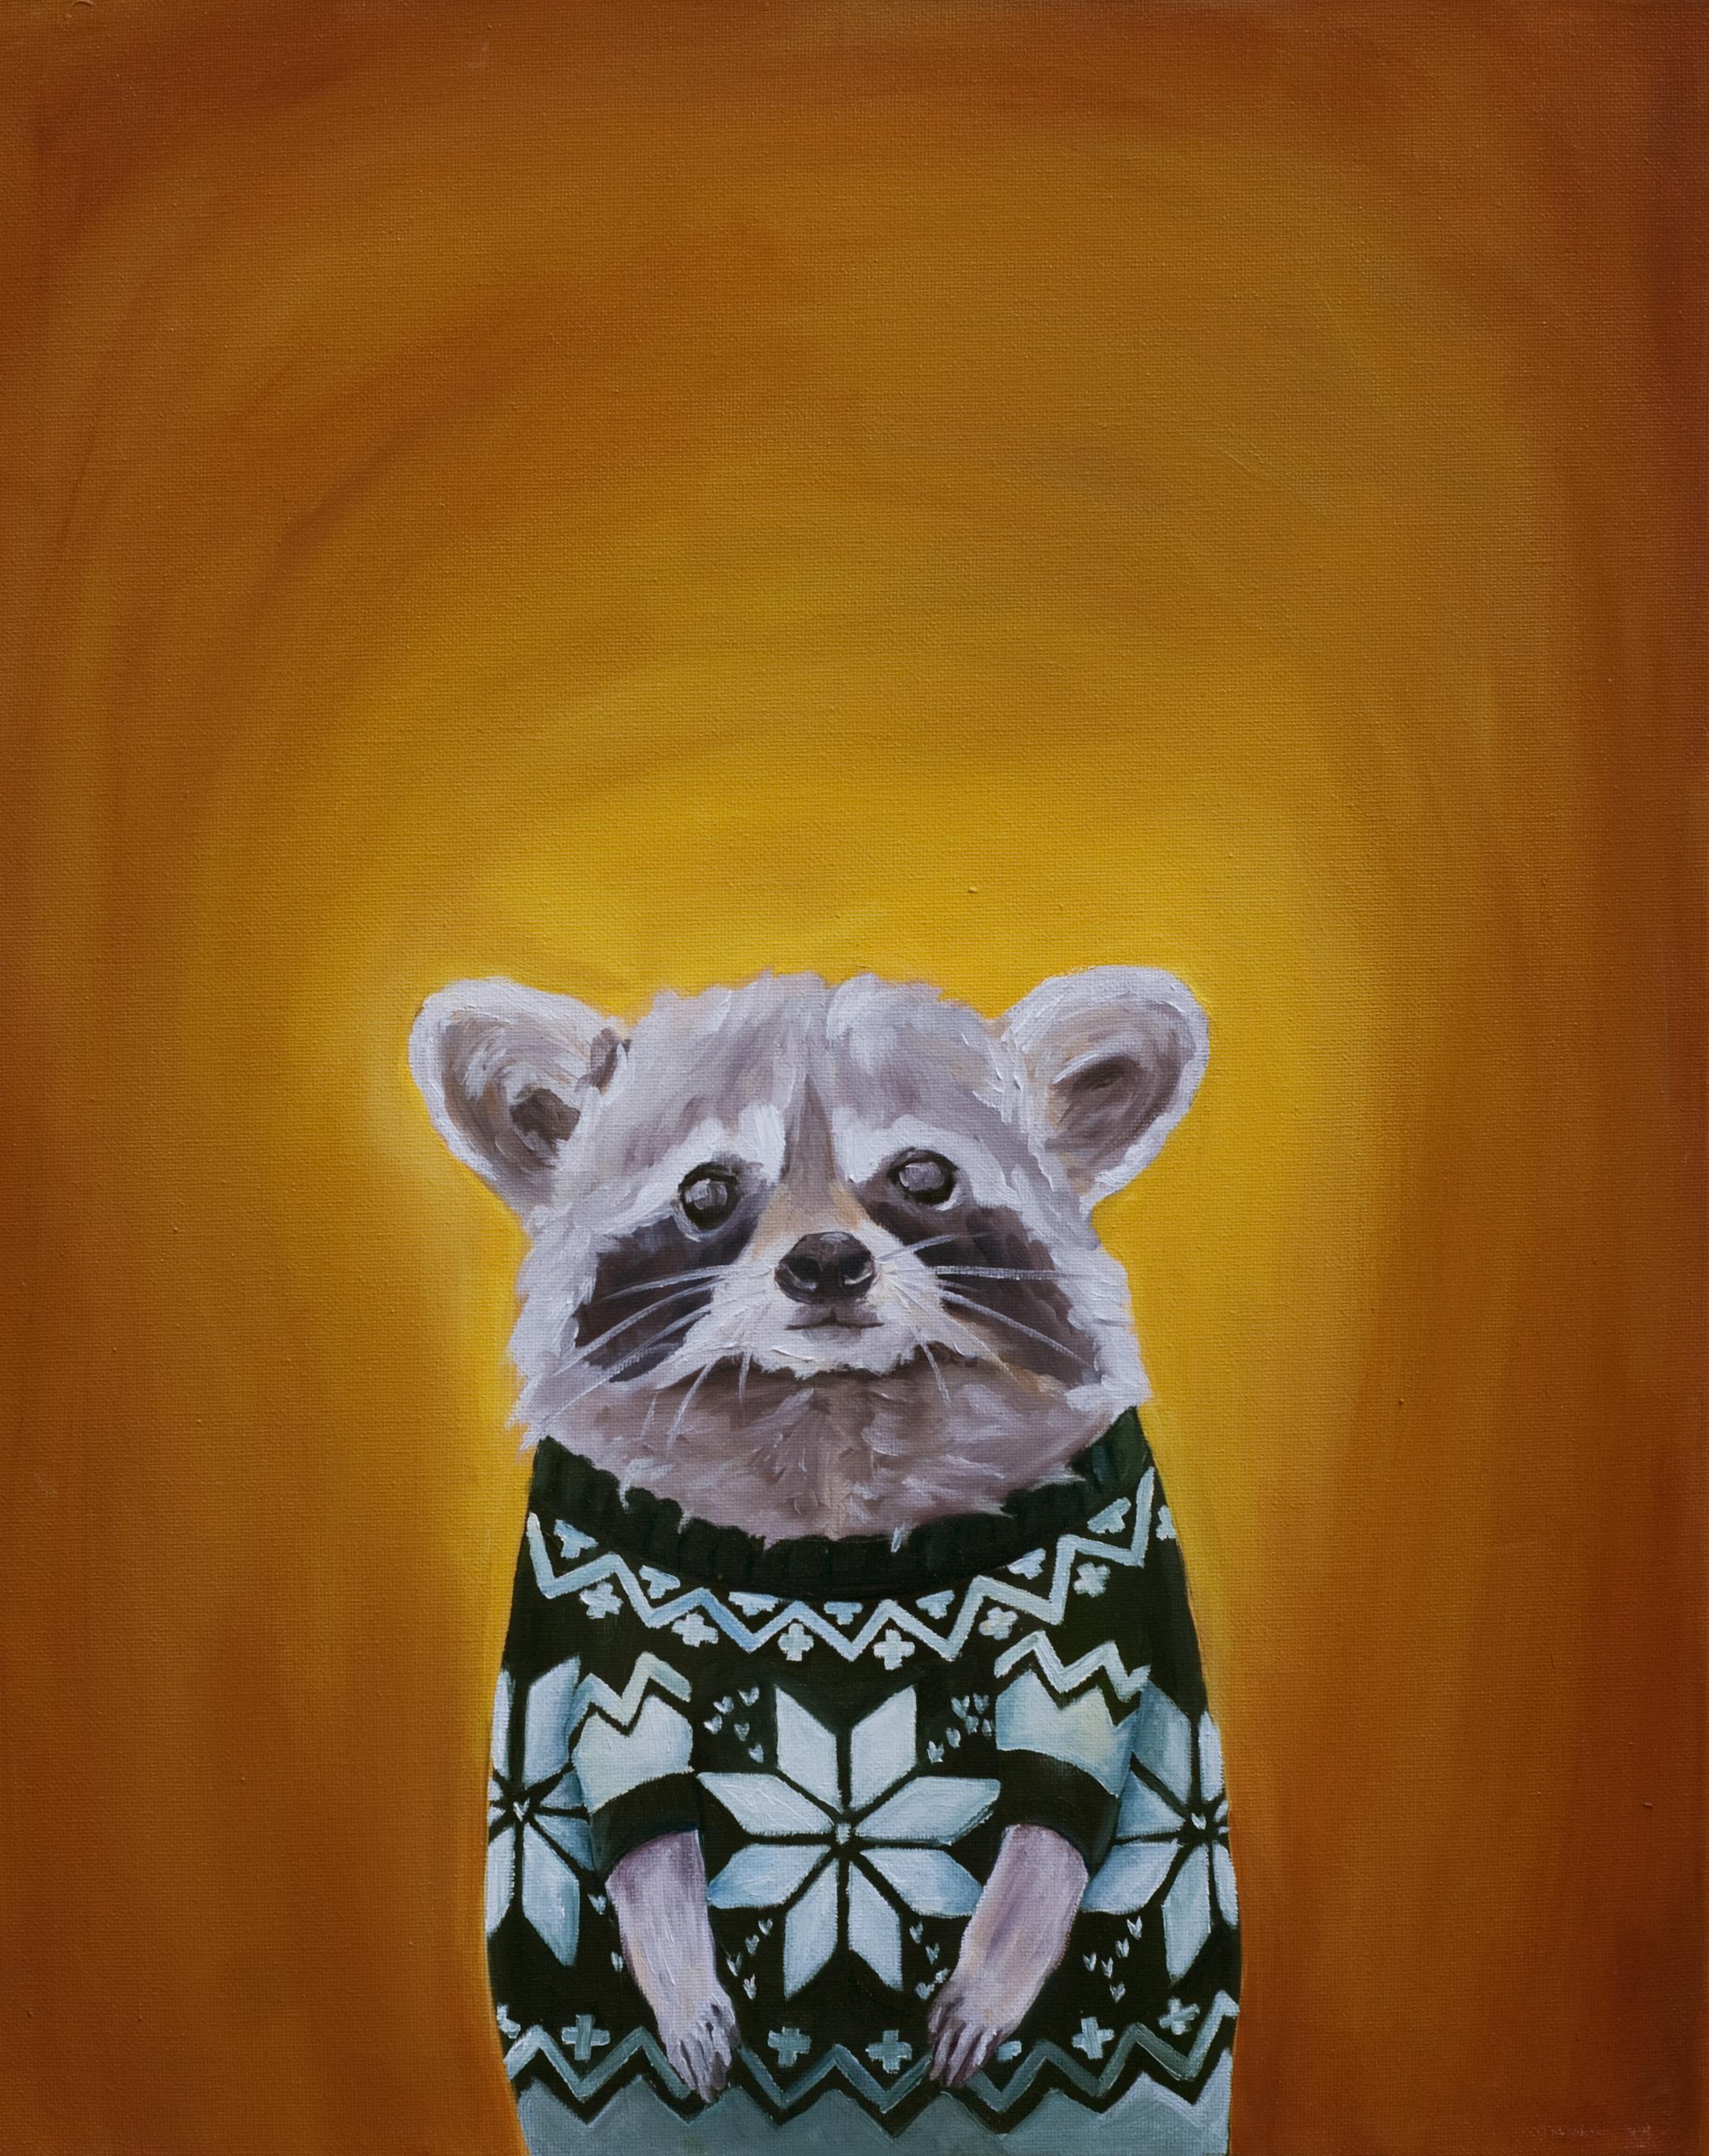 Raccoon_reshoot.jpg